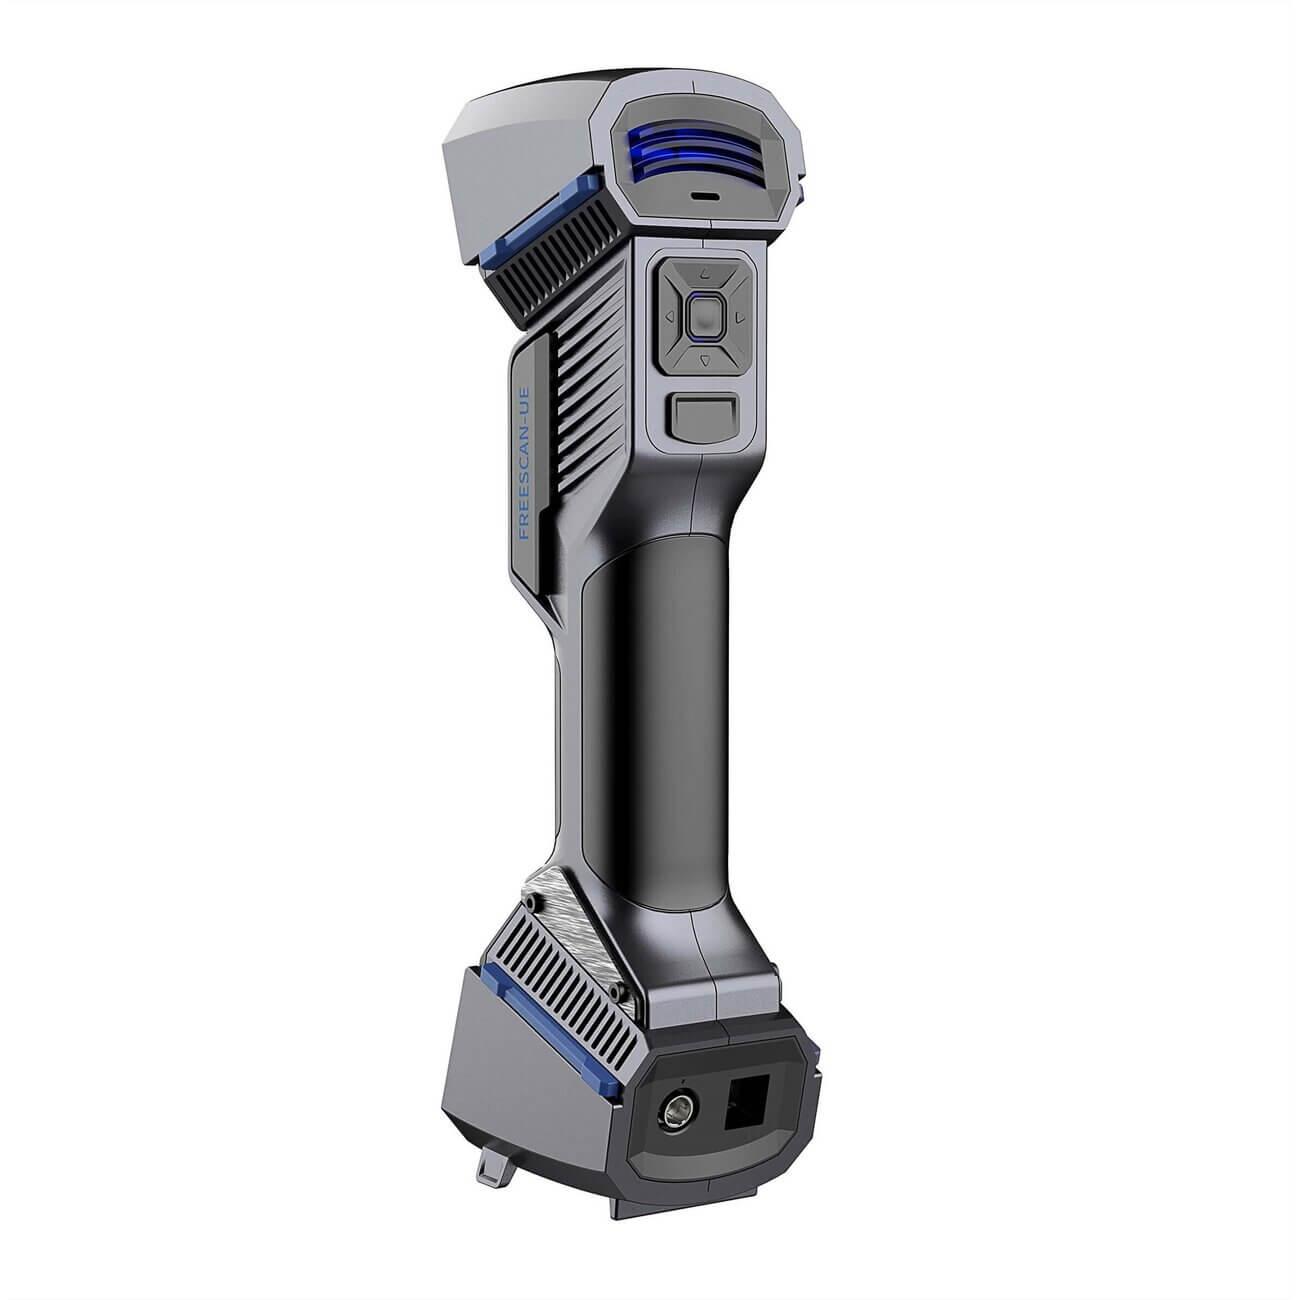 shining-3D-freescan-UE11-UE7-3D-kéziszkenner-szkenner-3dee-vasarlas-webshop-teszt-07